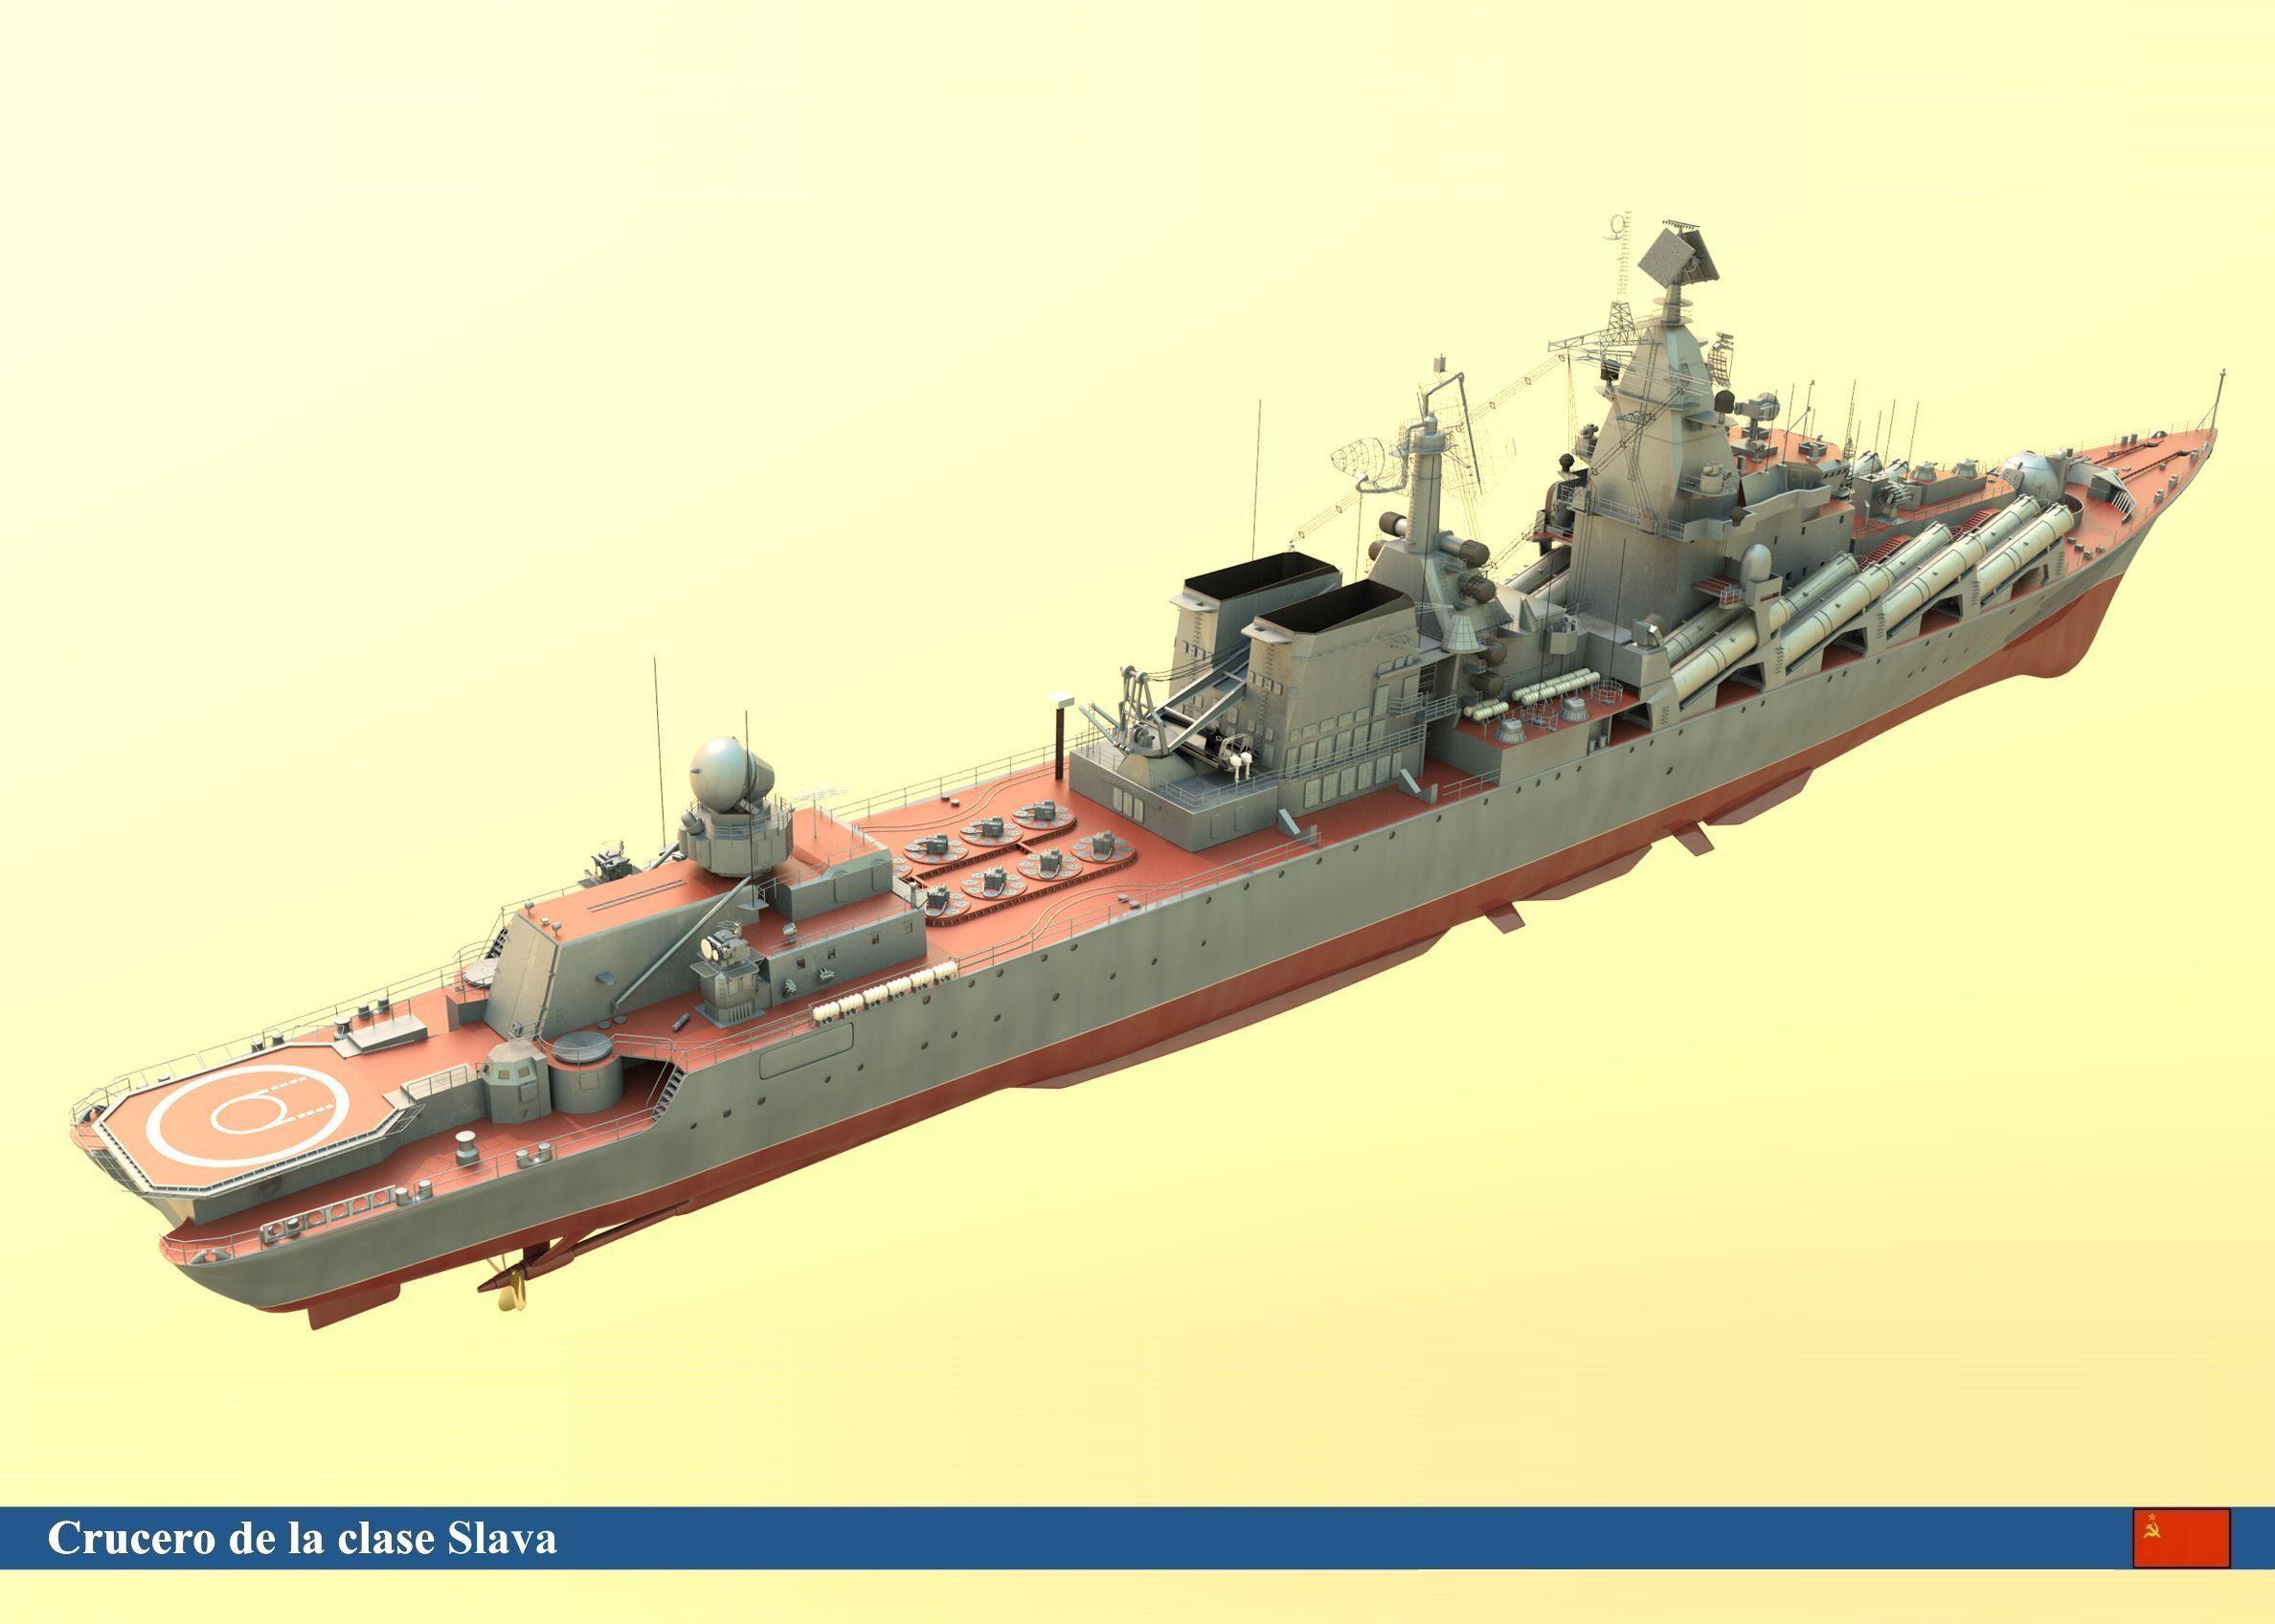 Slava+Cruiser Slava class cruiser